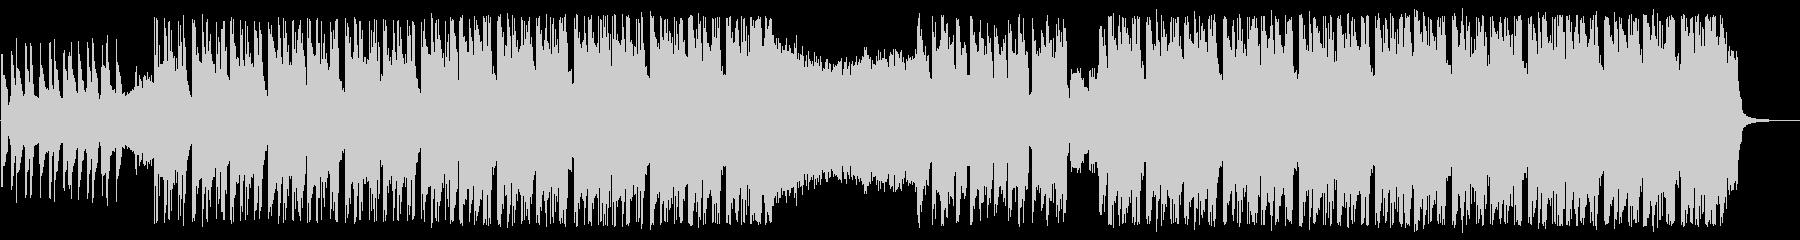 エレクトロ×ギターのハイブリッドロックの未再生の波形